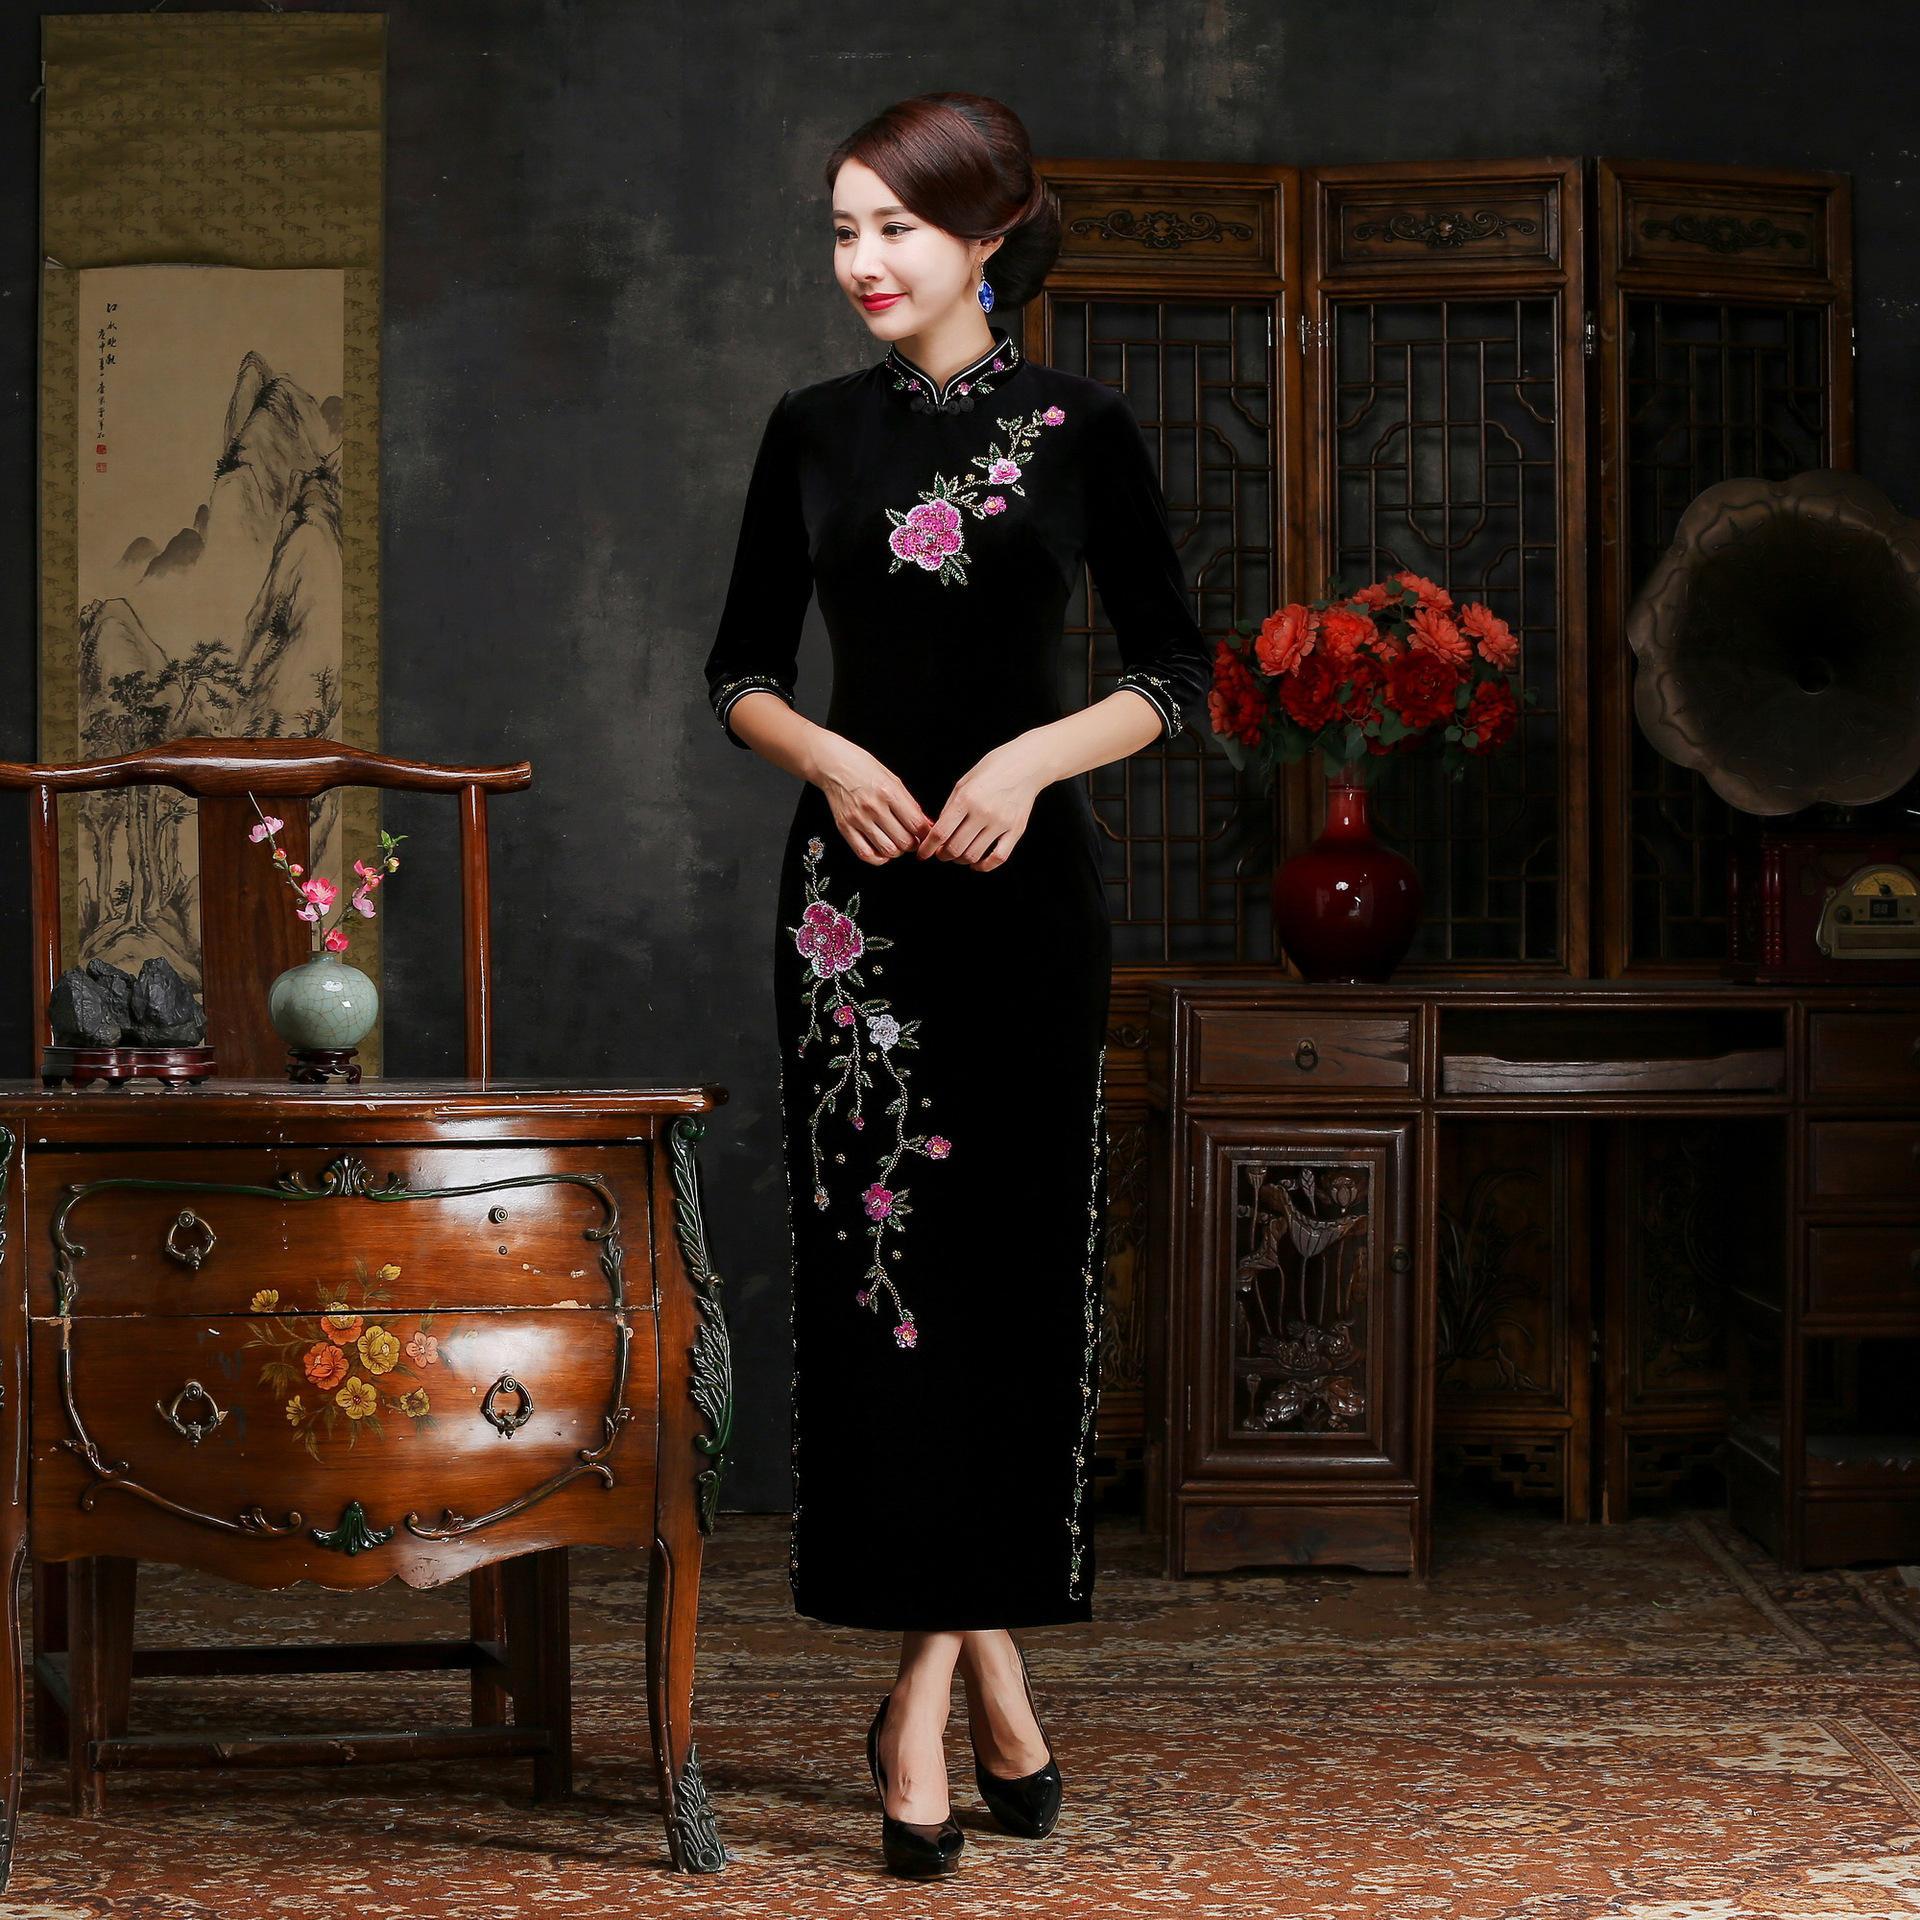 Осень зима для женщин вышивка Qipao пикантные высокие разделение Cheongsam Oversize 3XL 4XL Винтаж ручной работы и пуговицы платье Vestiidos - Цвет: Black Long